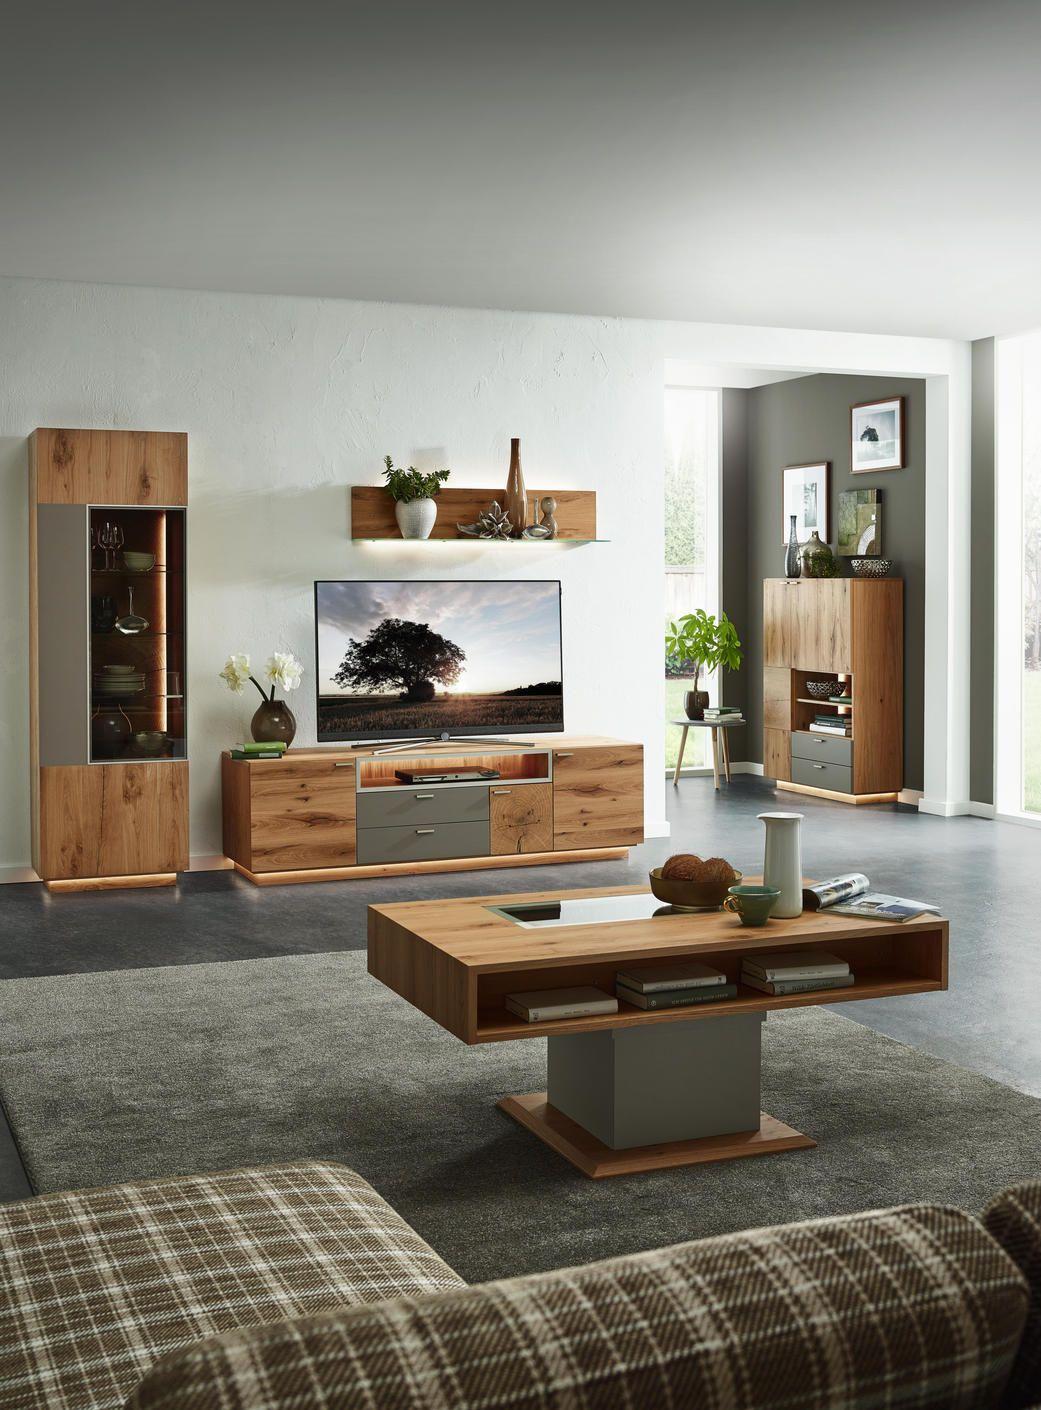 Wohnwand 6-teilig mit Eichenholz furniert kaufen  Wohnen